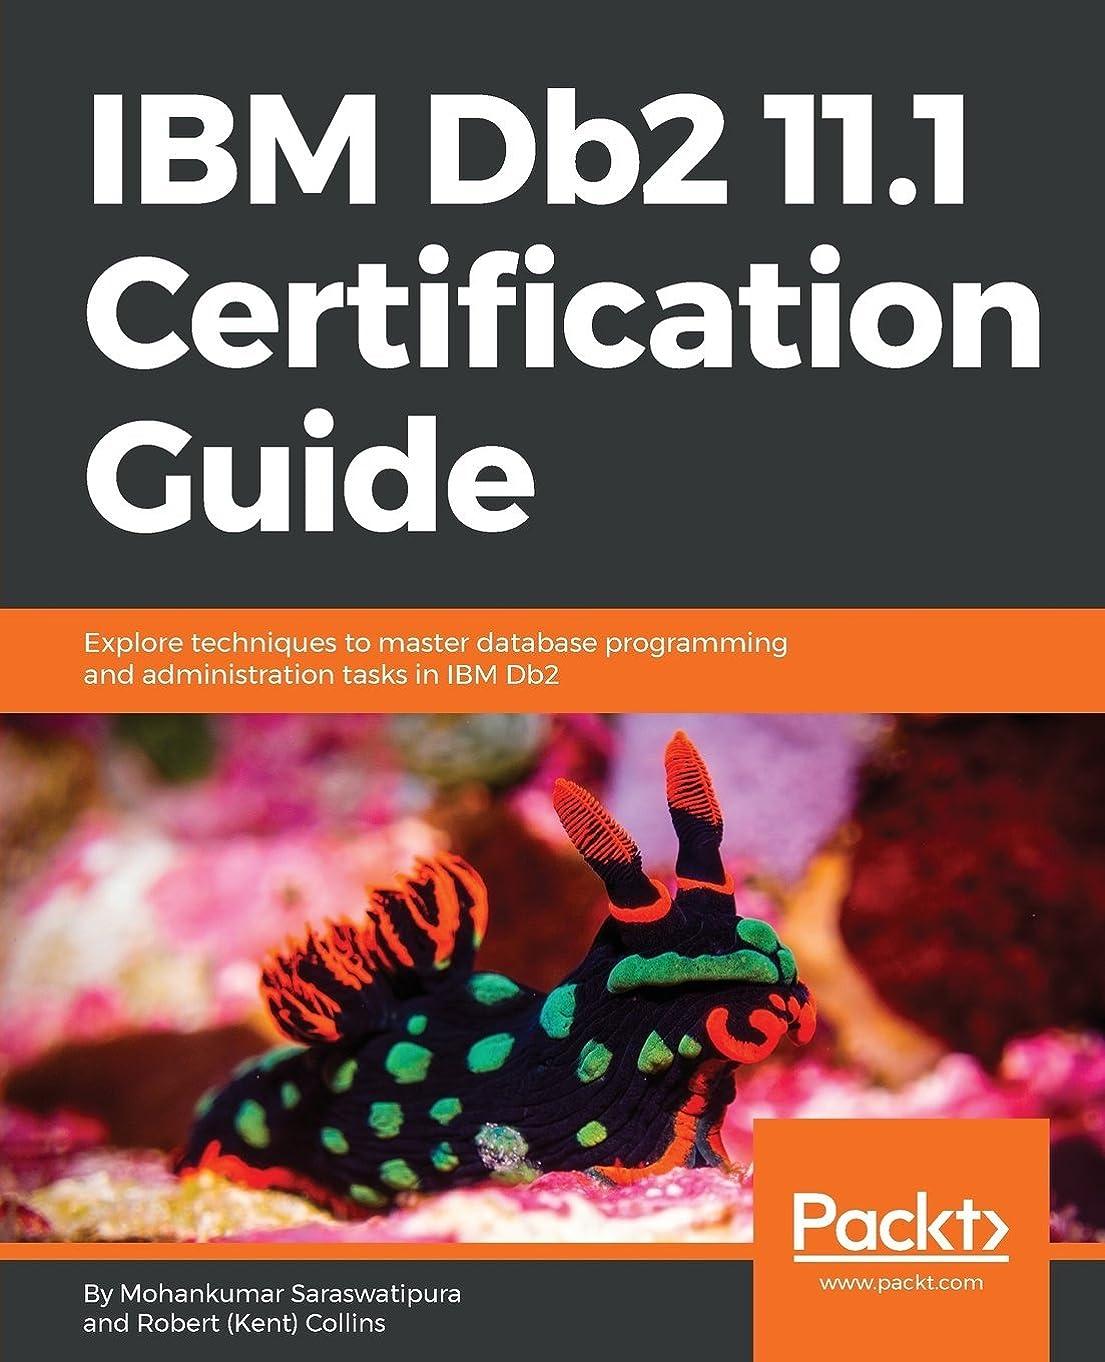 気まぐれな抽出メディアIBM DB2 11.1 Certification Guide